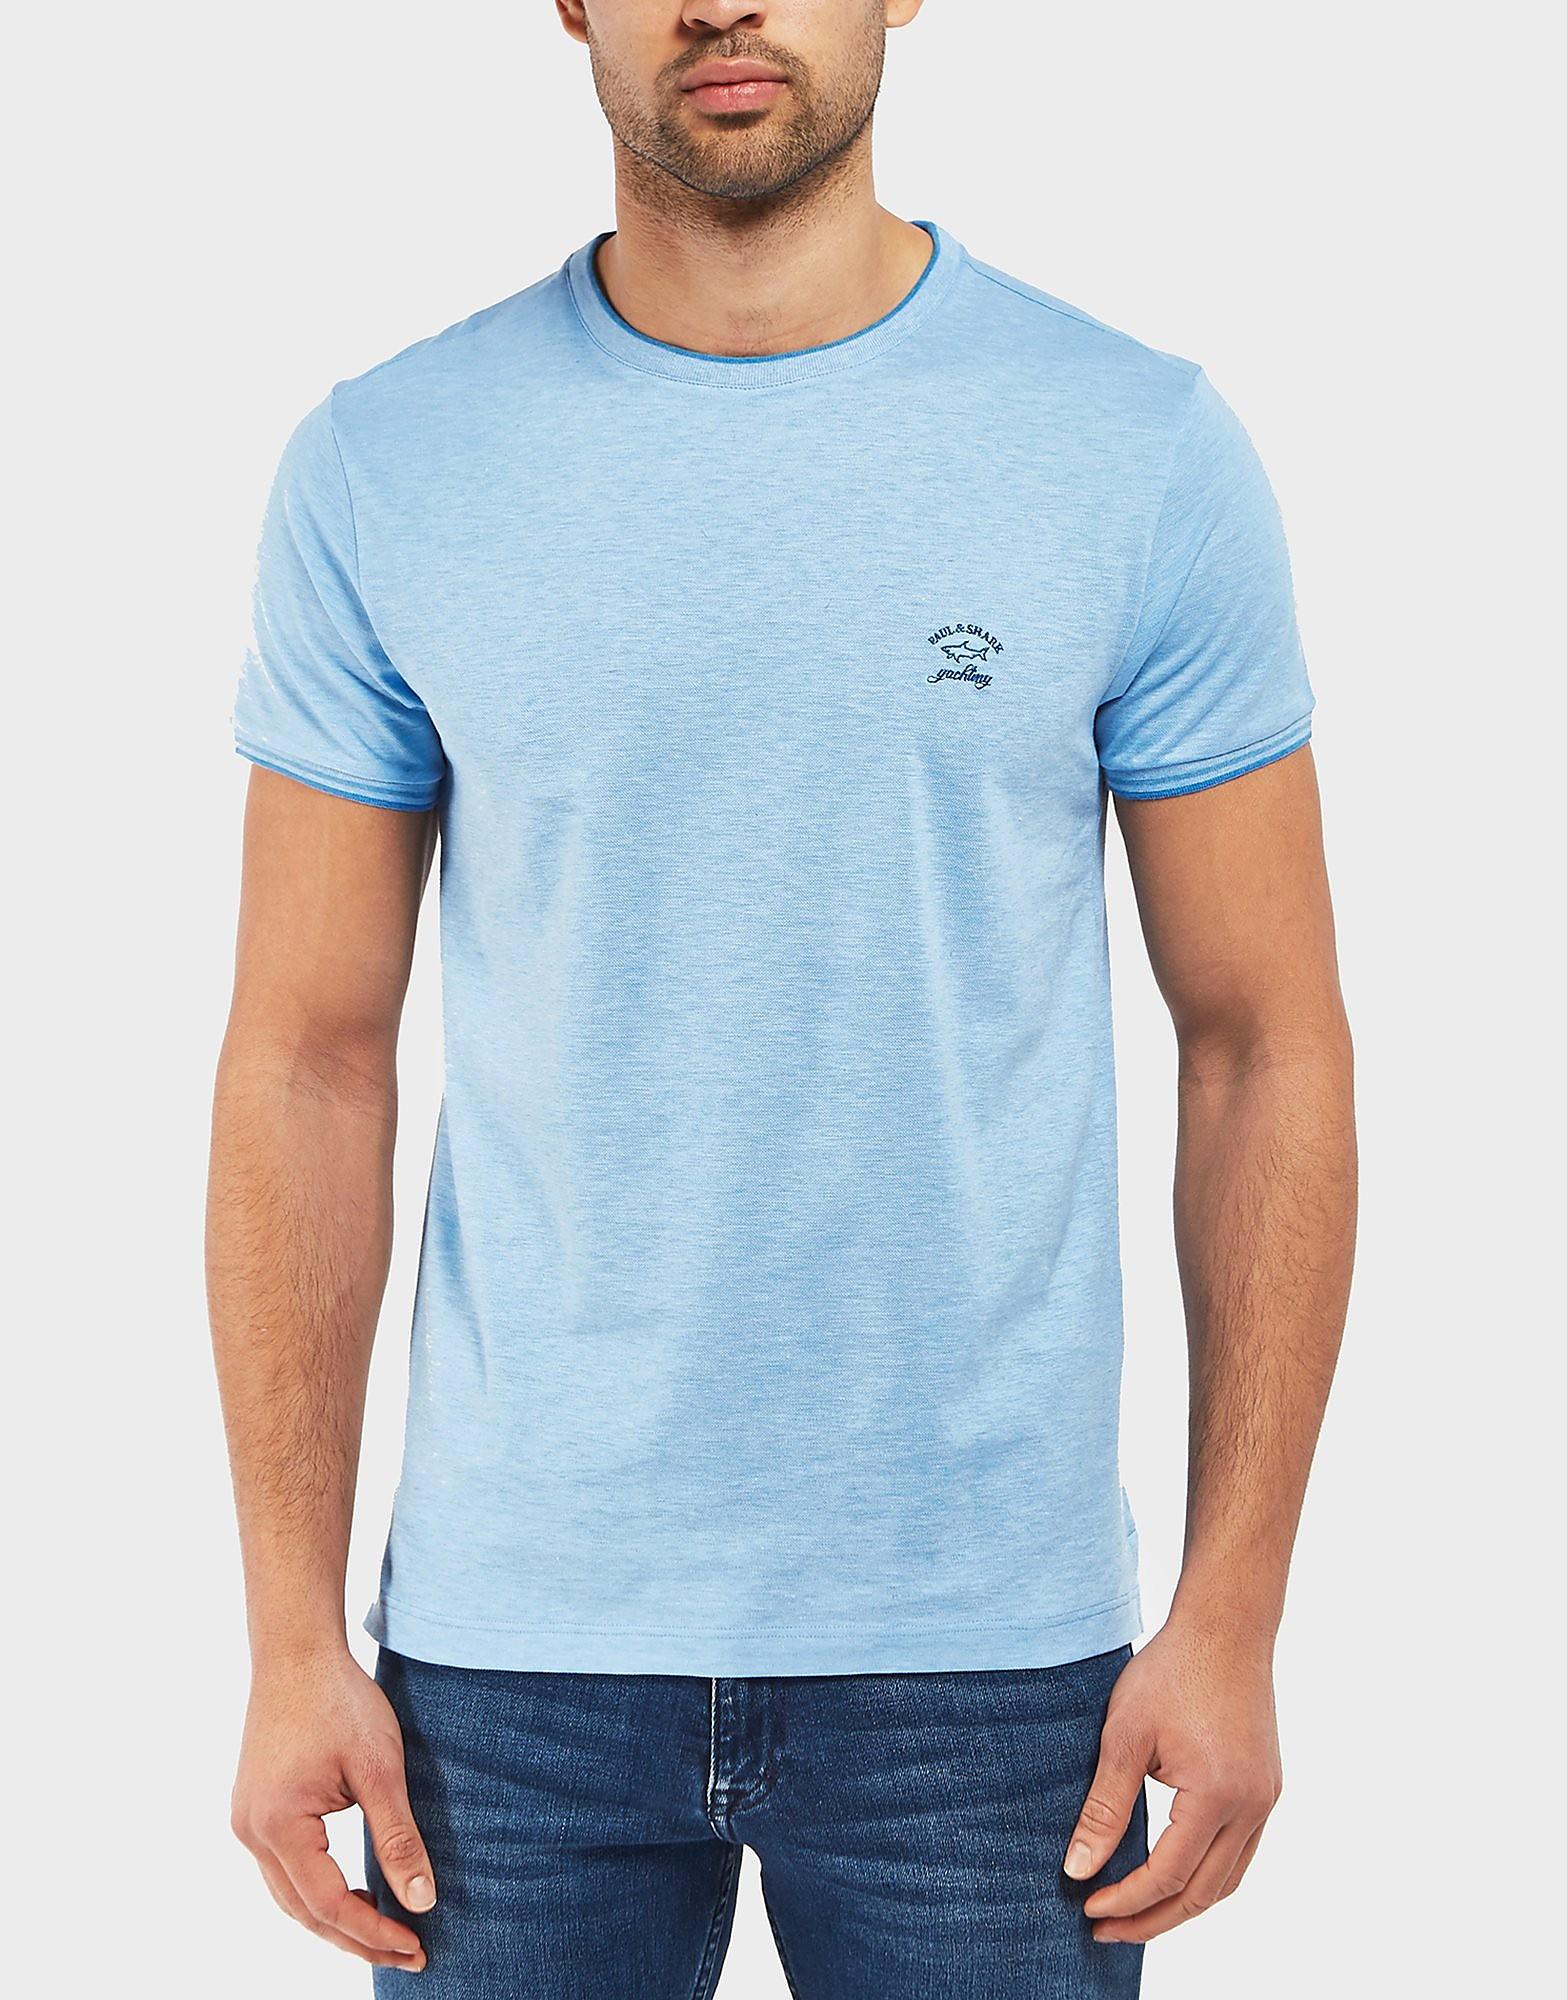 Paul and Shark Birds Pique Short Sleeve T-Shirt